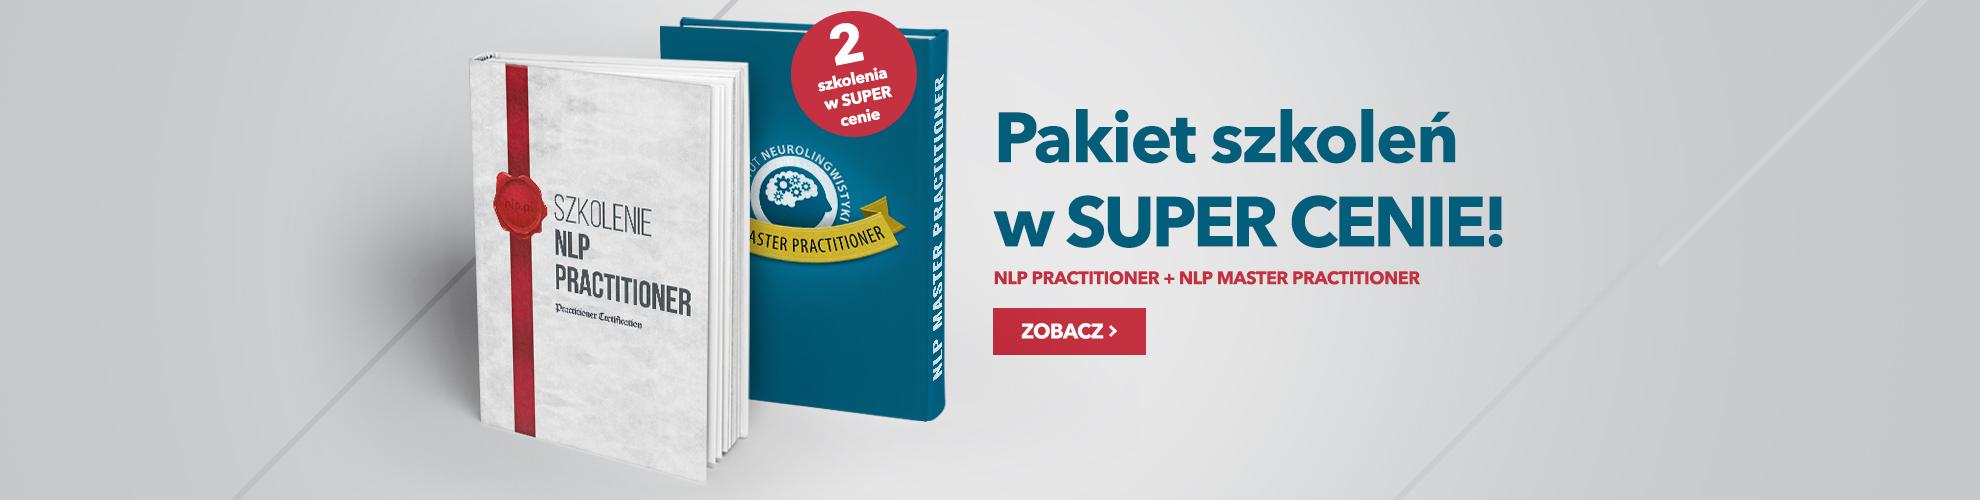 pakiet_2